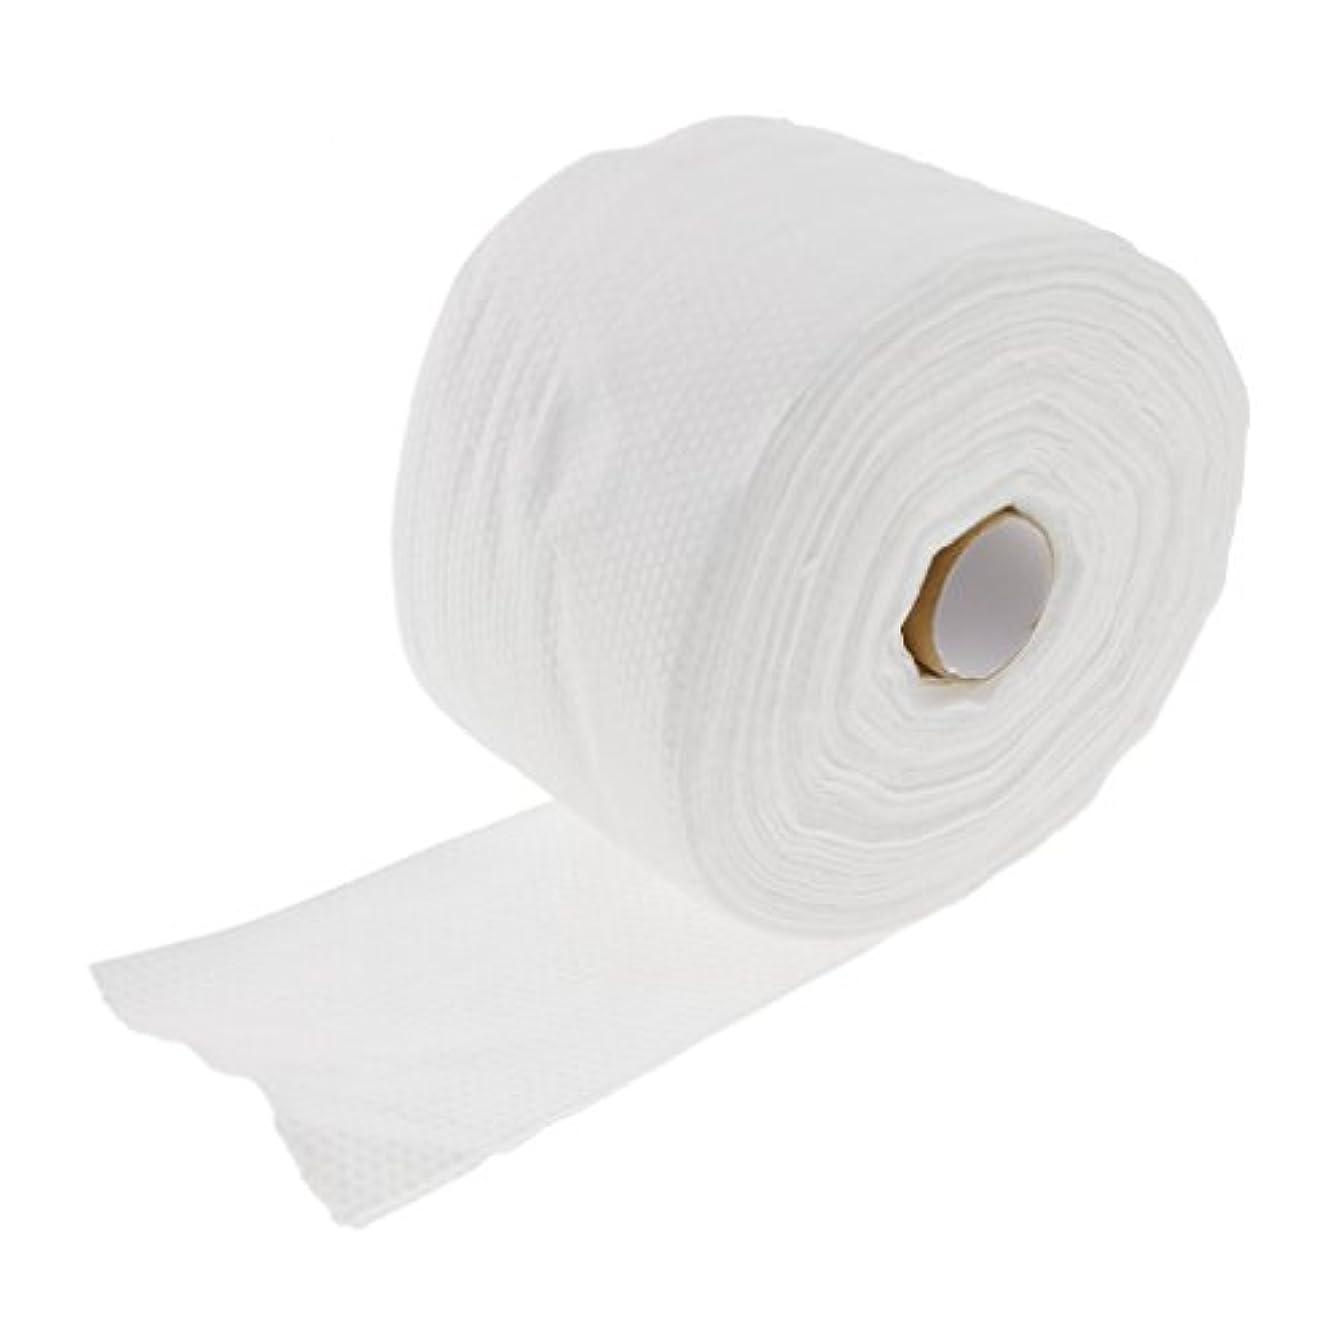 一回ブロックするサーフィンKesoto ロール式 使い捨て 洗顔タオル 使い捨てタオル 30M コットン 繊維 メイクリムーバー 2タイプ選べる - #2